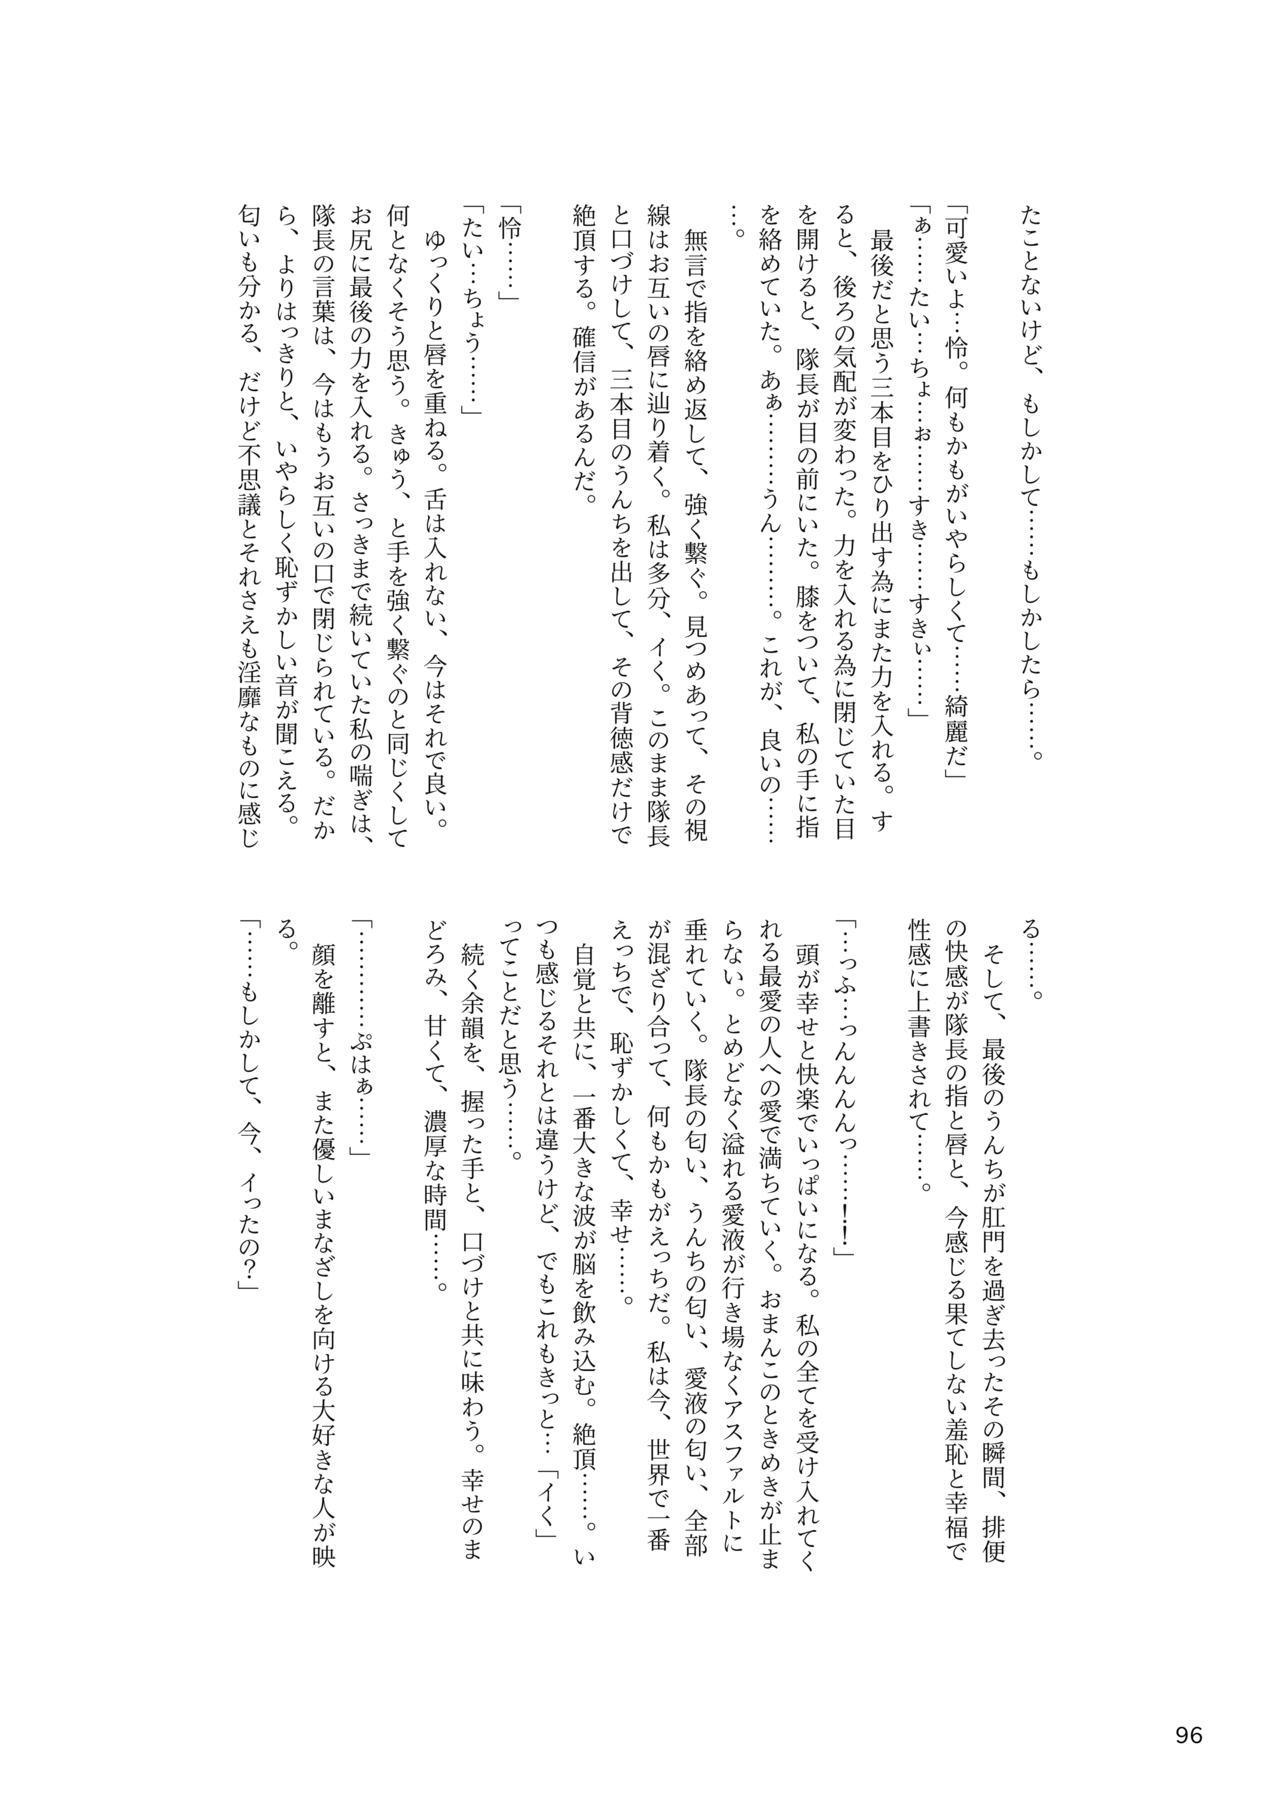 ア○スギア総合スカトロアンソロジー アクトレス排泄実態調査任務~スカポためるっすか!?~ 95